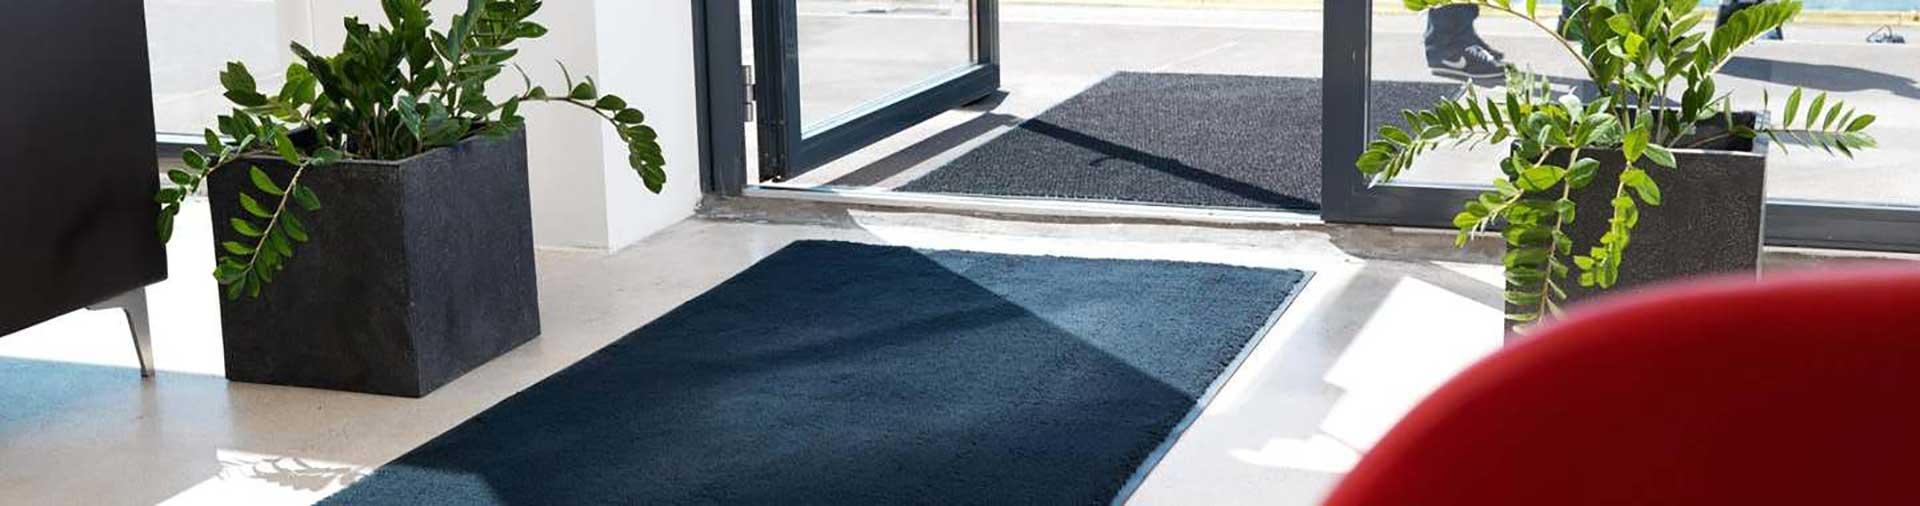 грязезащитные покрытия на входе